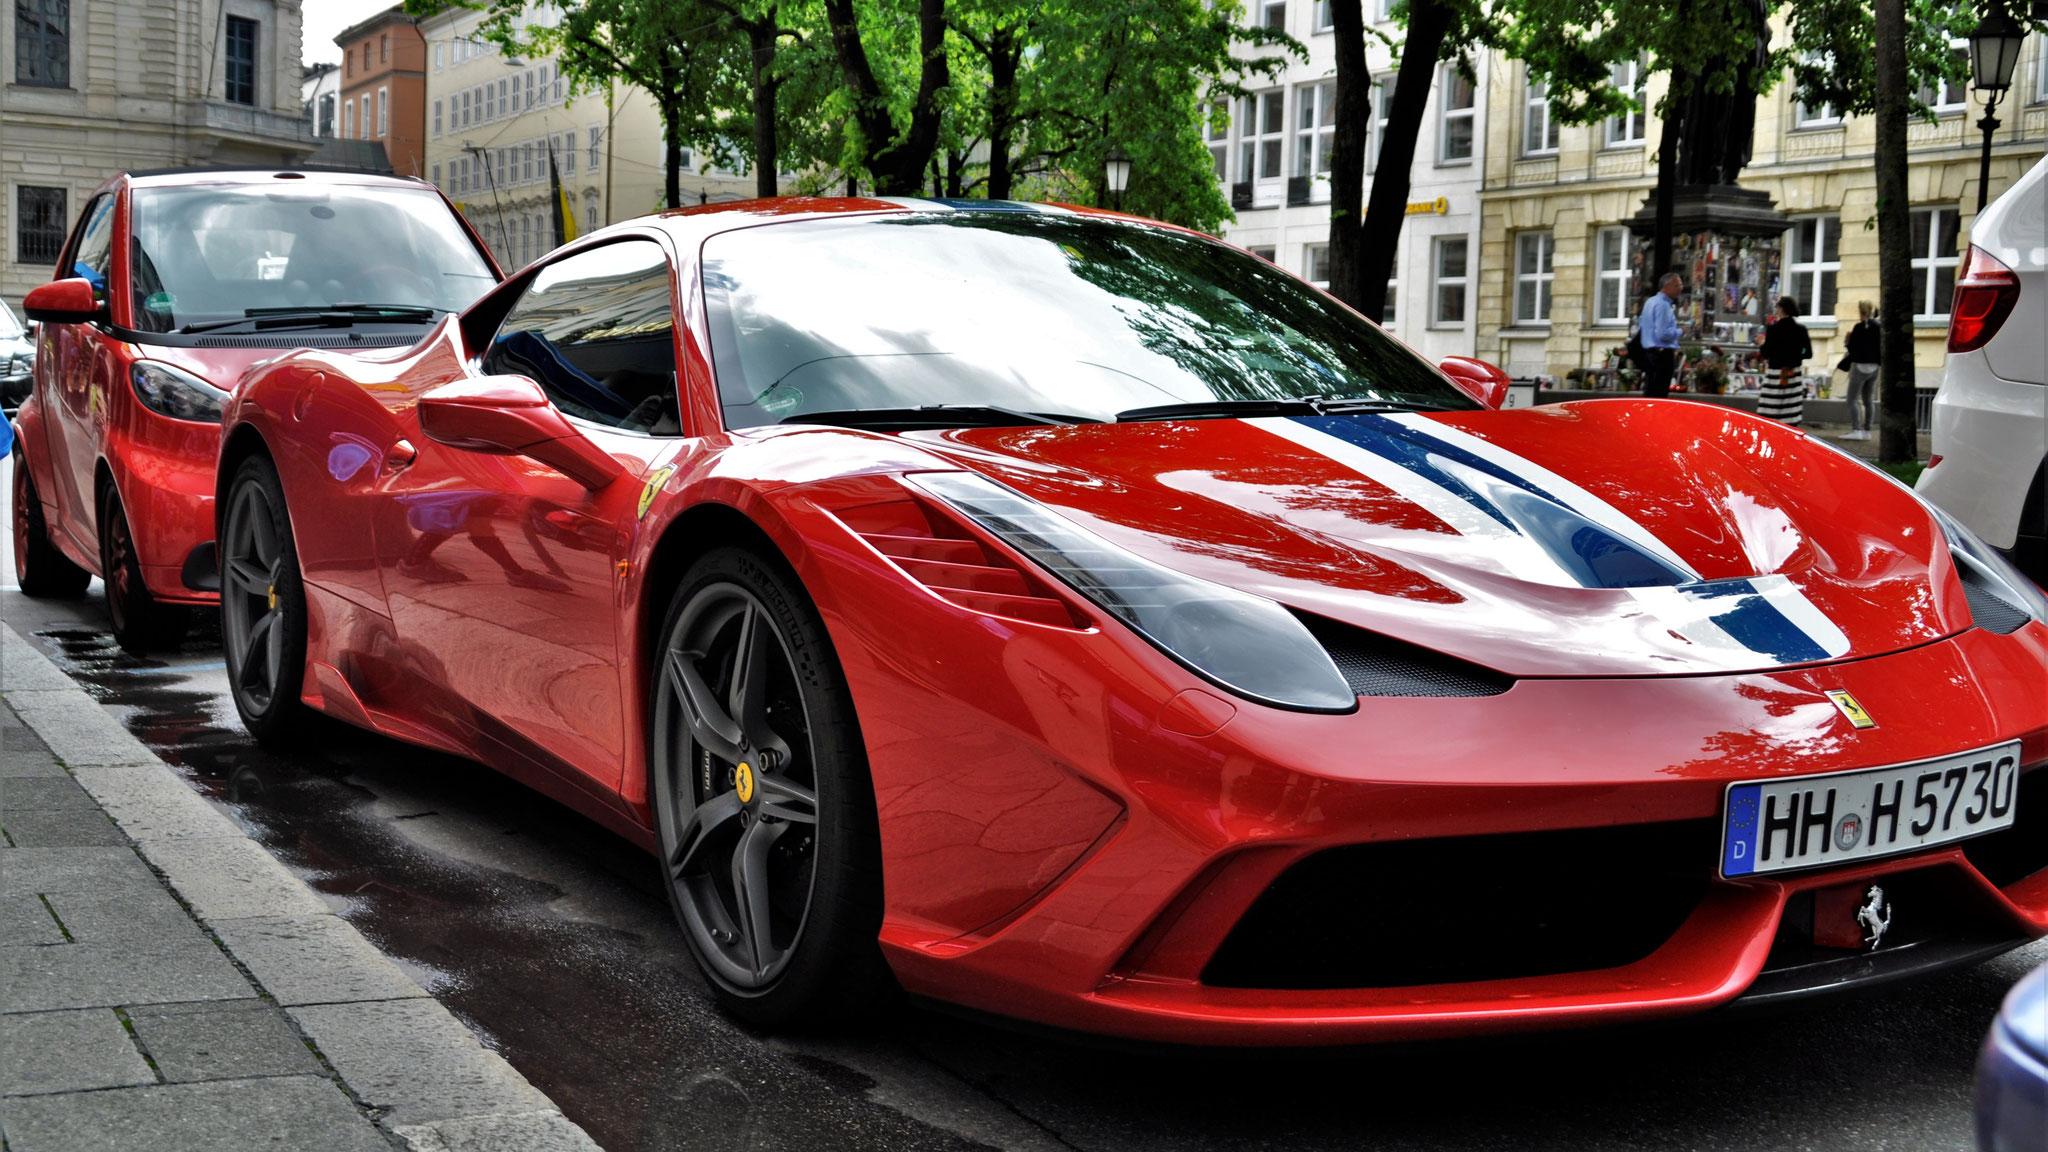 Ferrari 458 Speciale - HH-H-5730